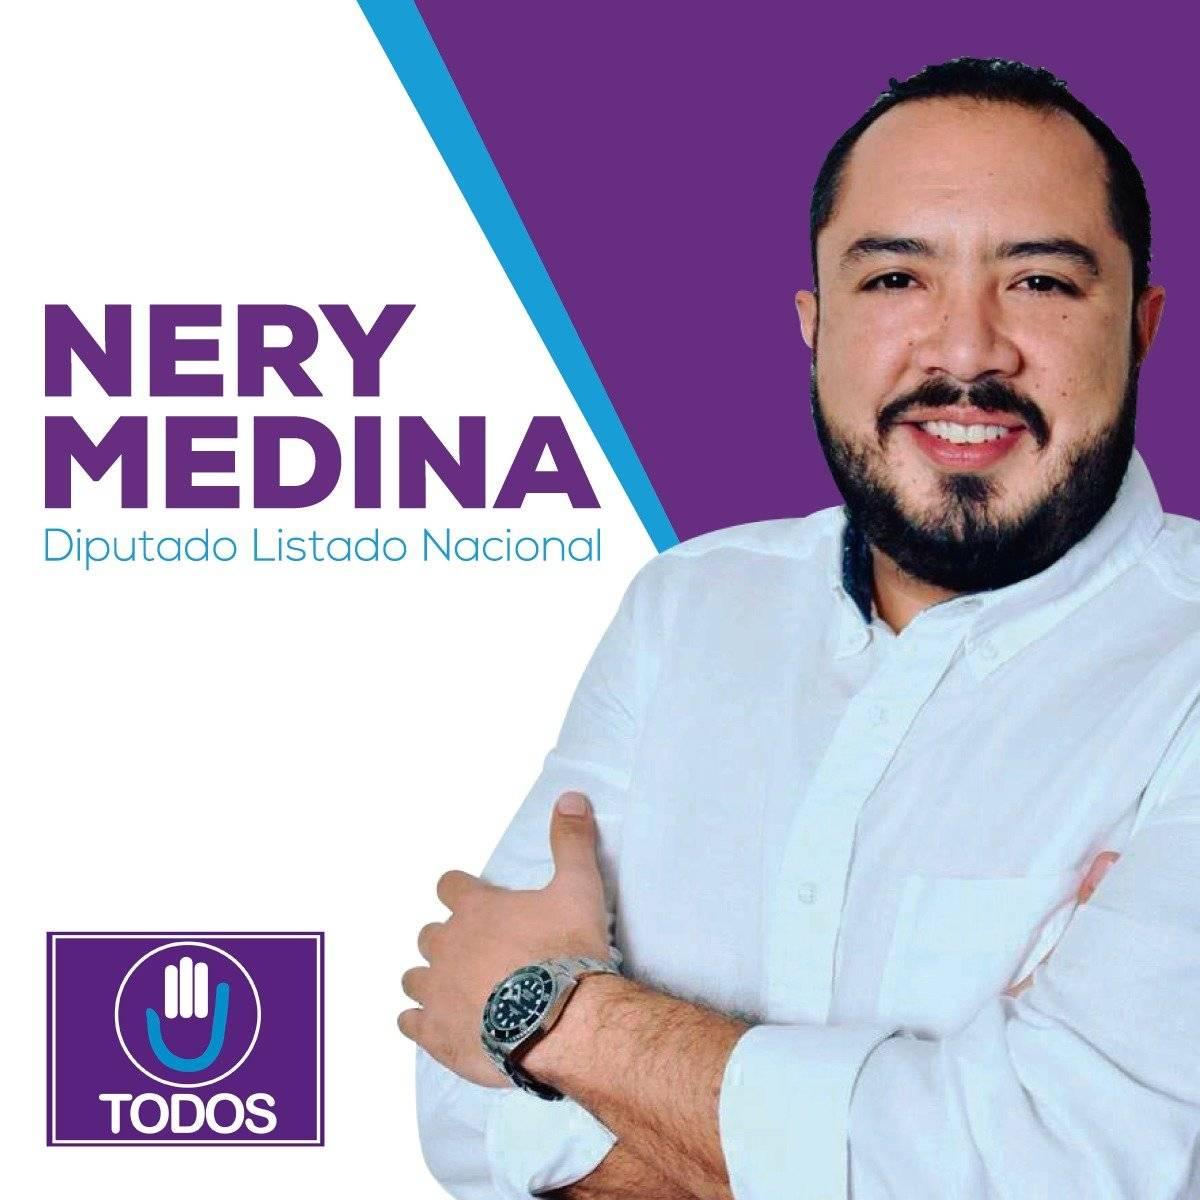 Nery Oswaldo Medina Ricco es hijo del magistrado de la CSJ Nery Medina. Foto: Facebook